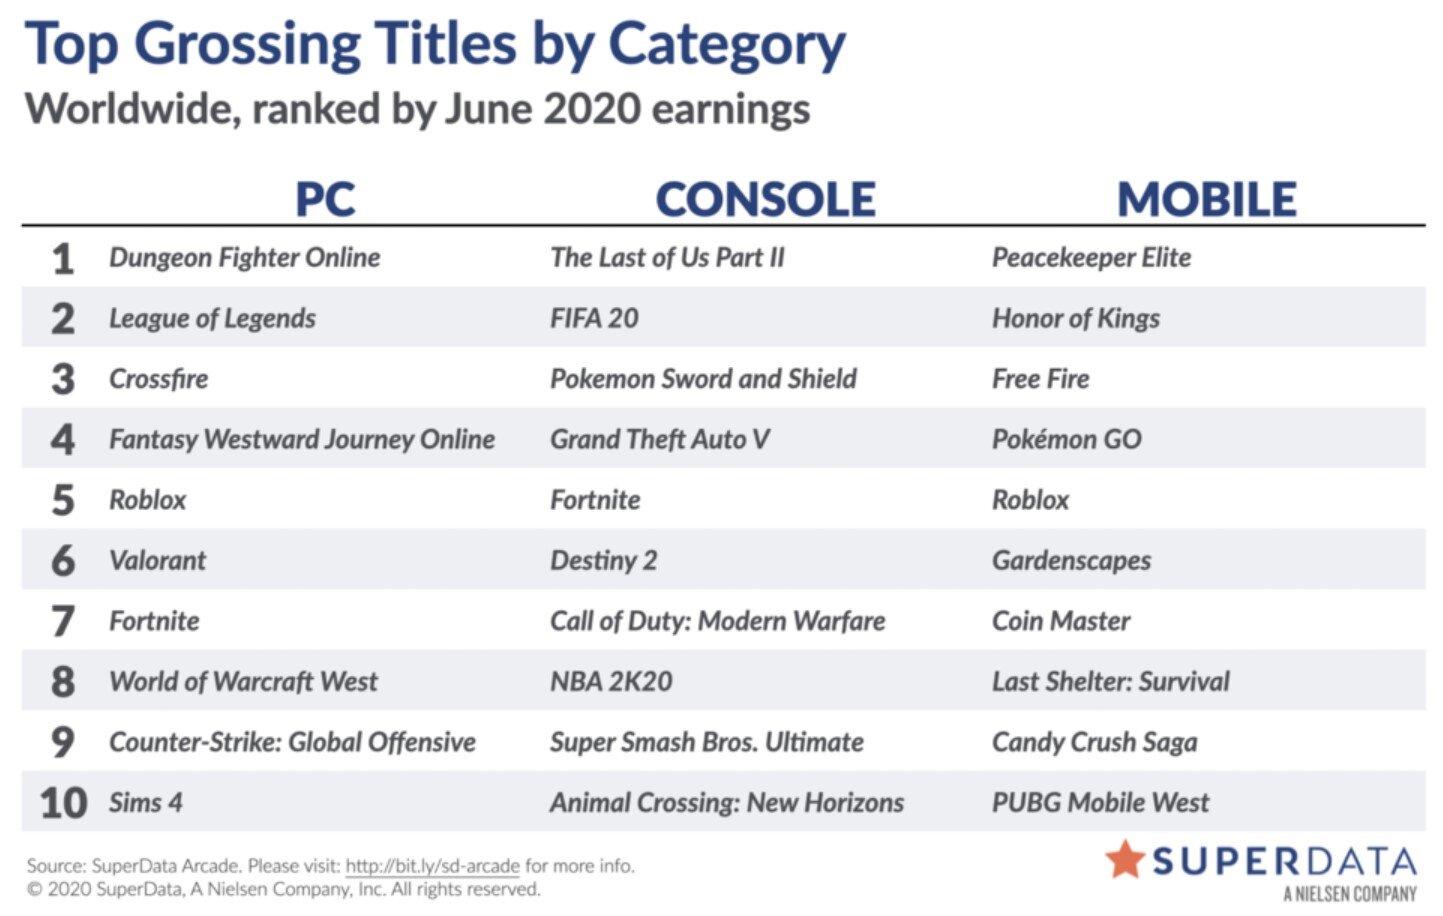 Liste der digital umsatzstärksten Videospiele im Juni 2020